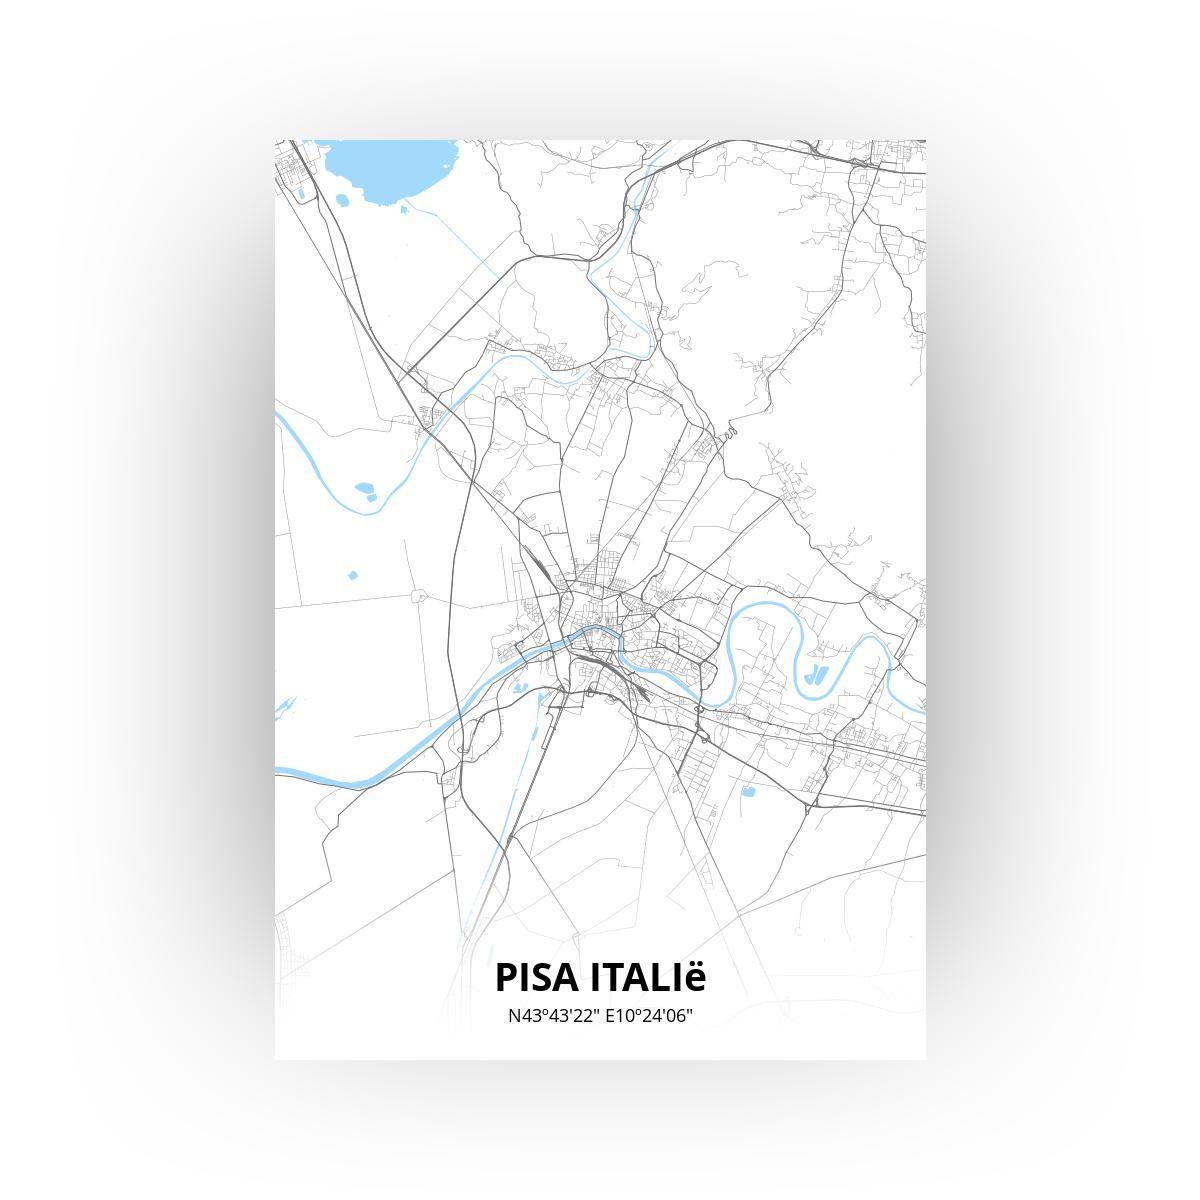 Pisa Italië poster - Zelf aan te passen!